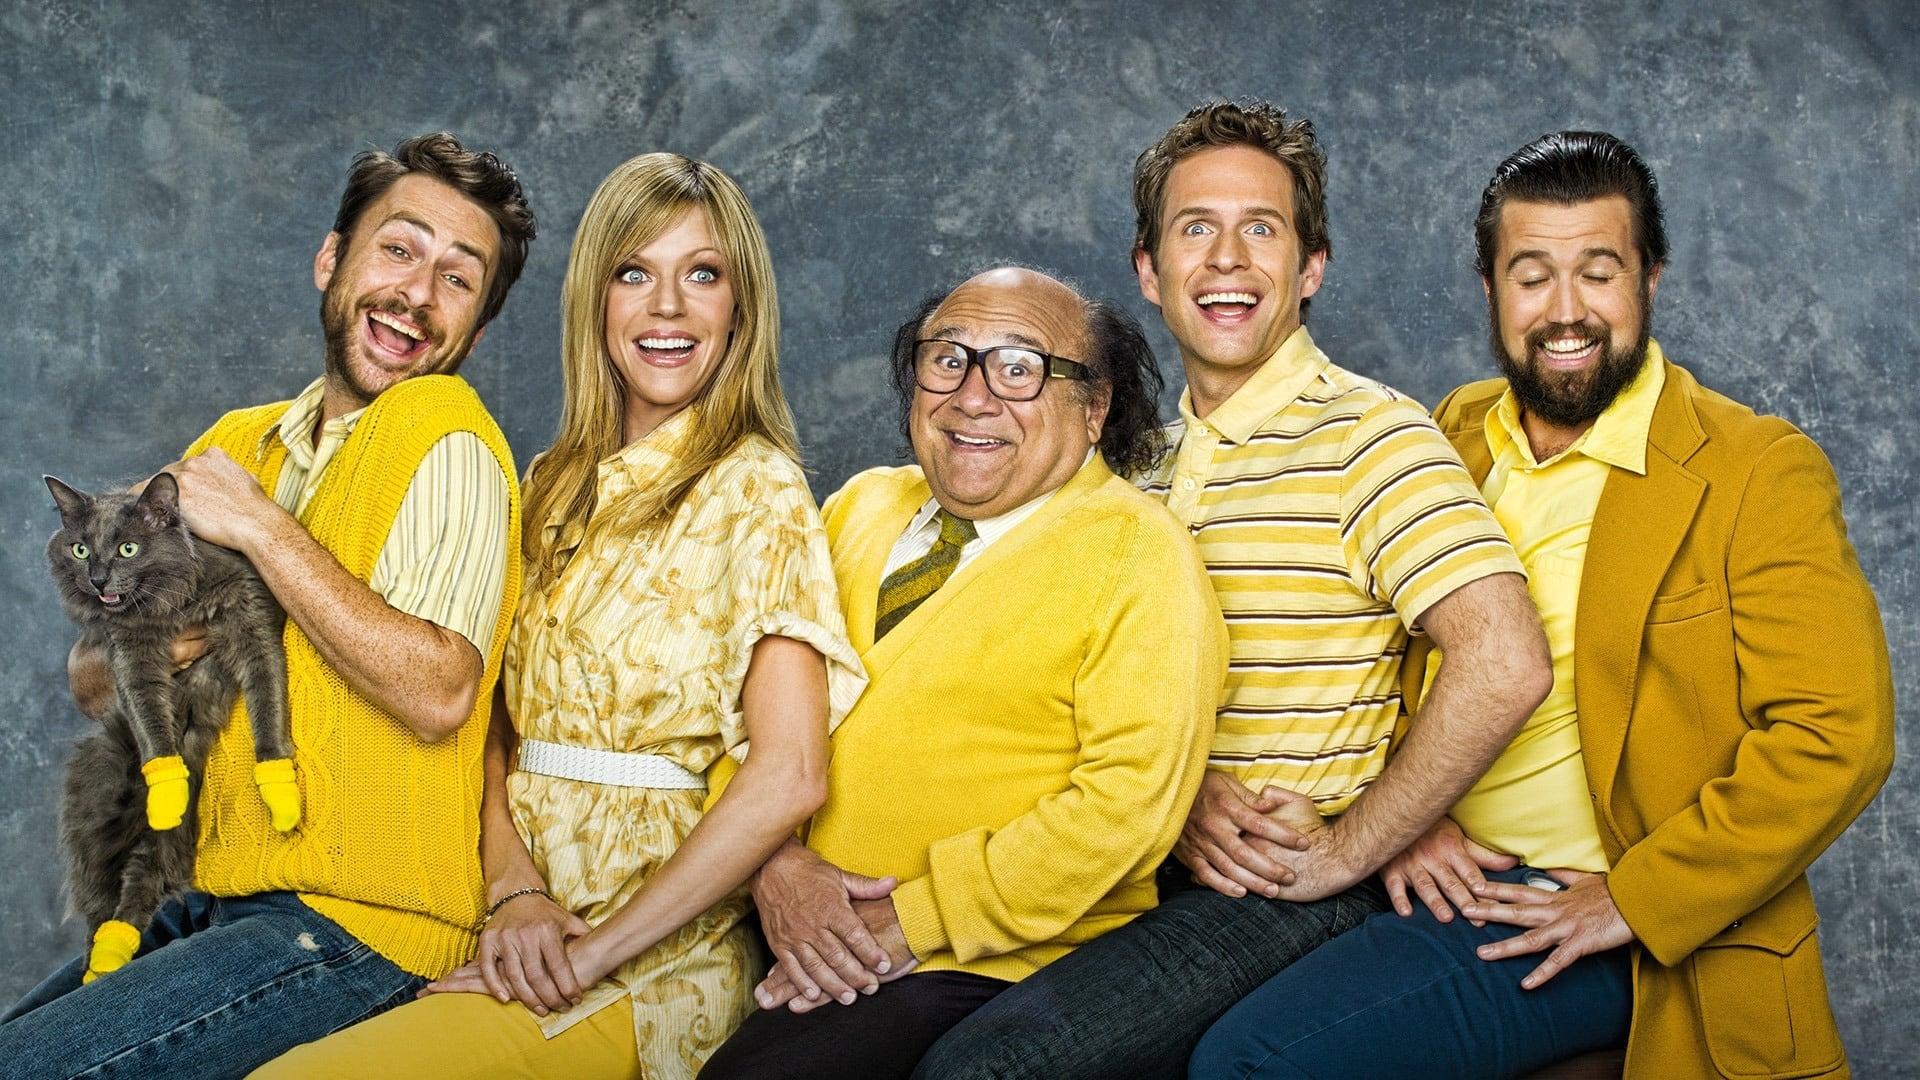 It's Always Sunny in Philadelphia - Season 0 Episode 50 : Sweet Dee's Comedy Reel